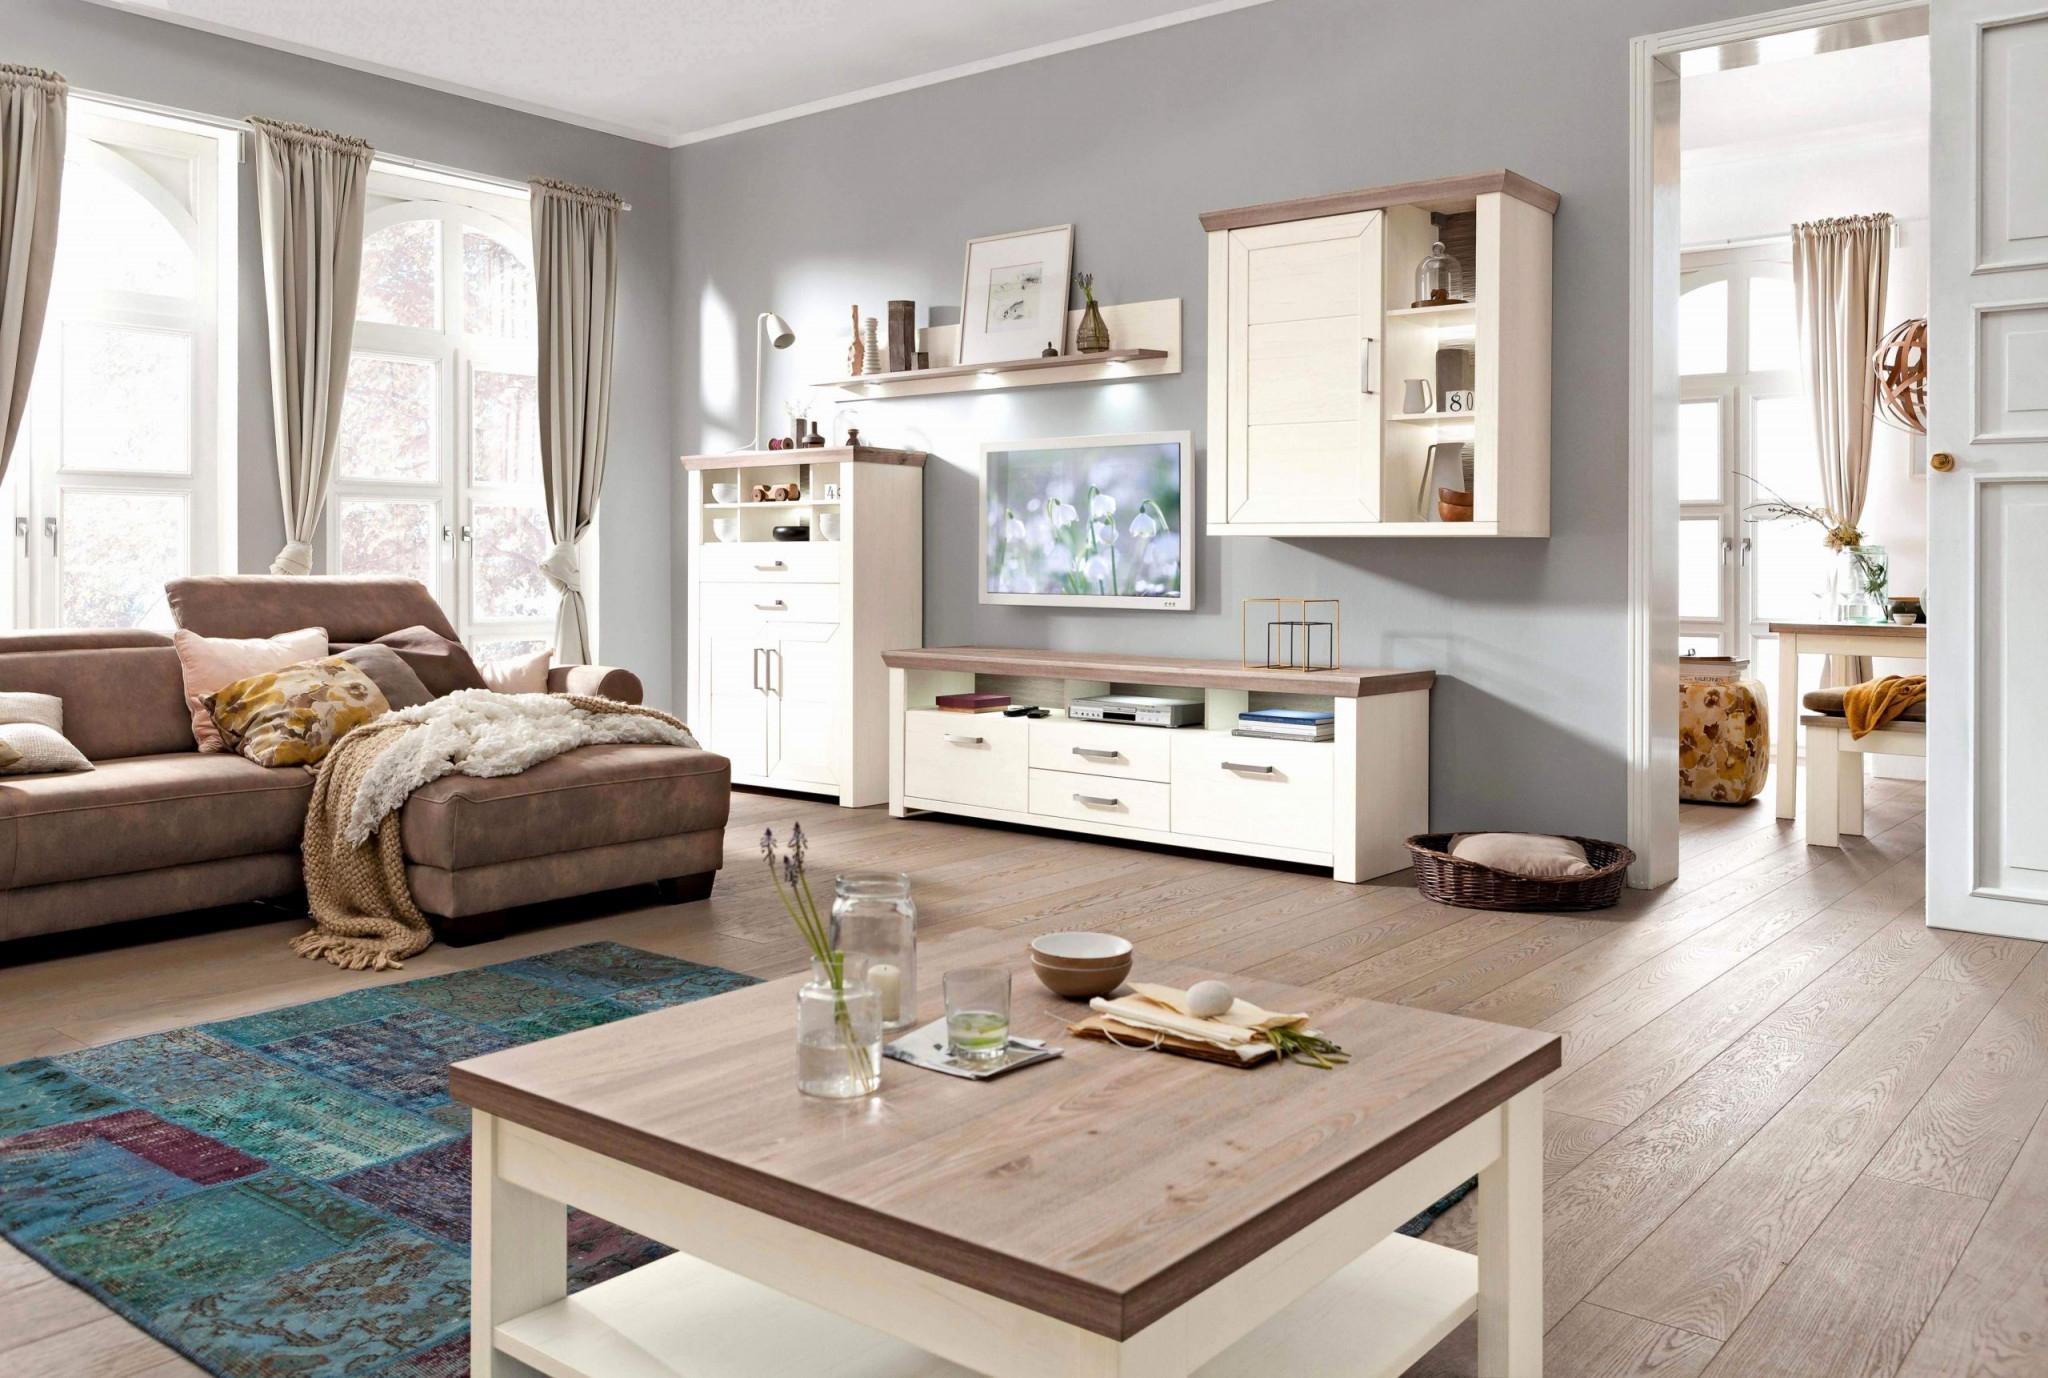 30 Elegant Wohnzimmer Landhausstil Gestalten Luxus von Bilder Landhausstil Wohnzimmer Bild